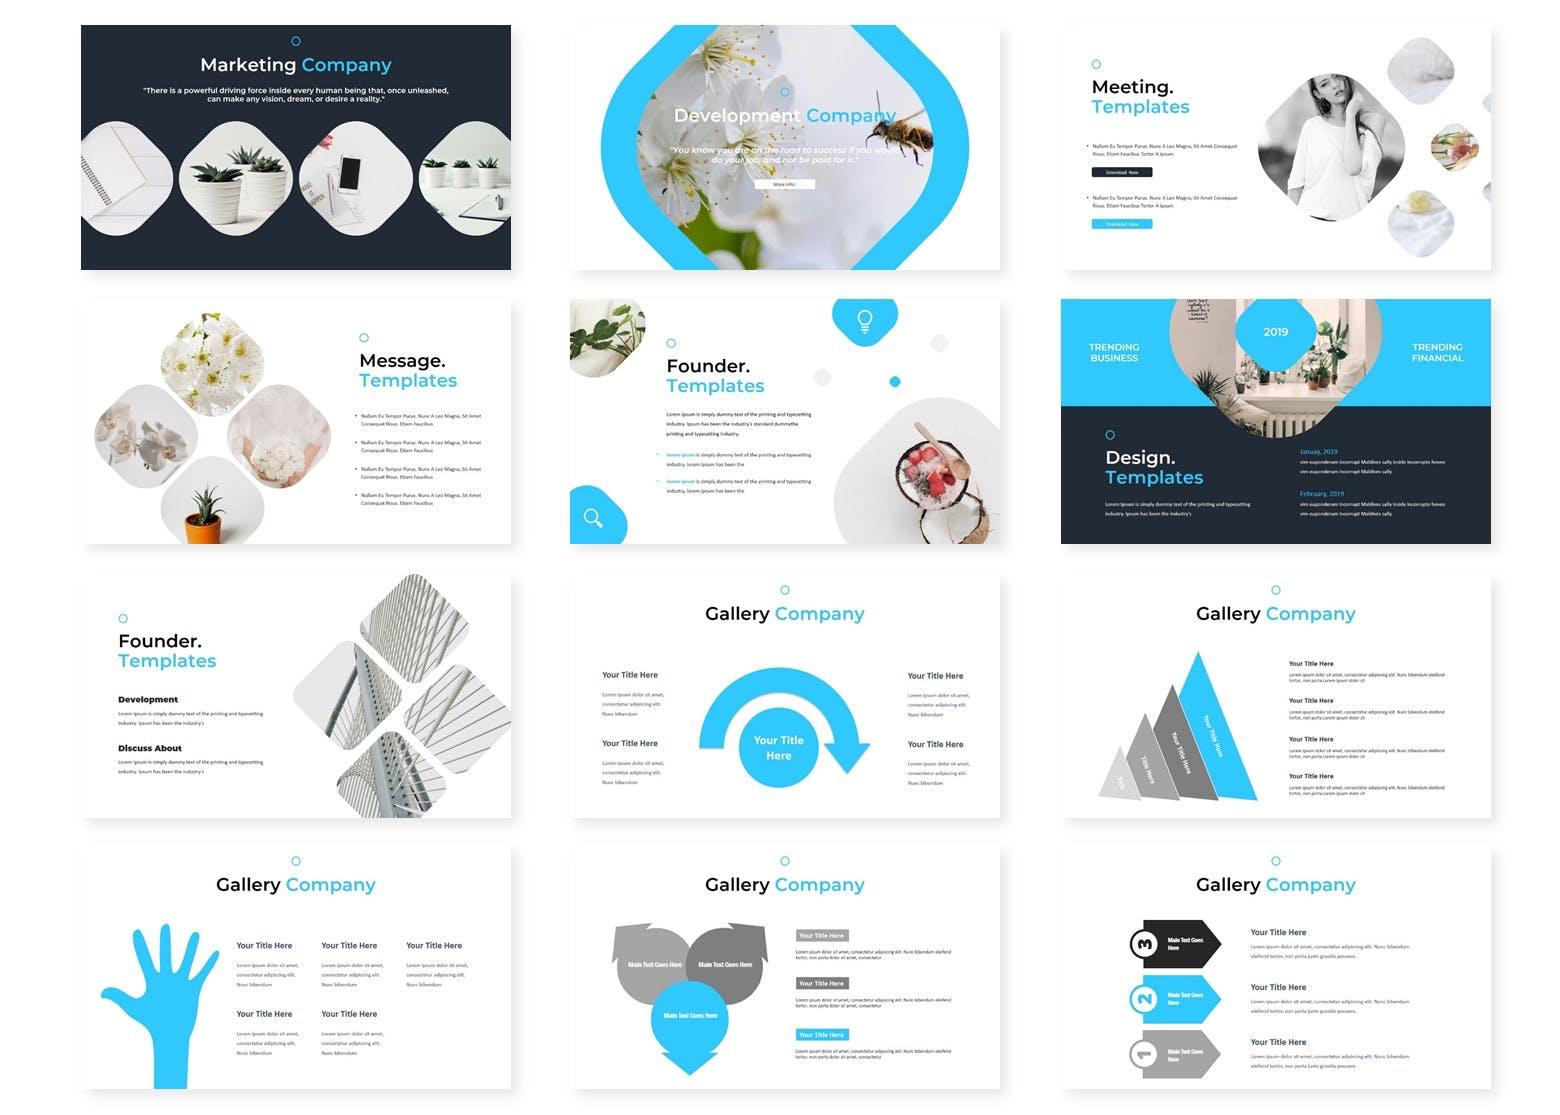 多用途行业企业策划模板PPT幻灯片模板Gandos Keynote Template插图(2)